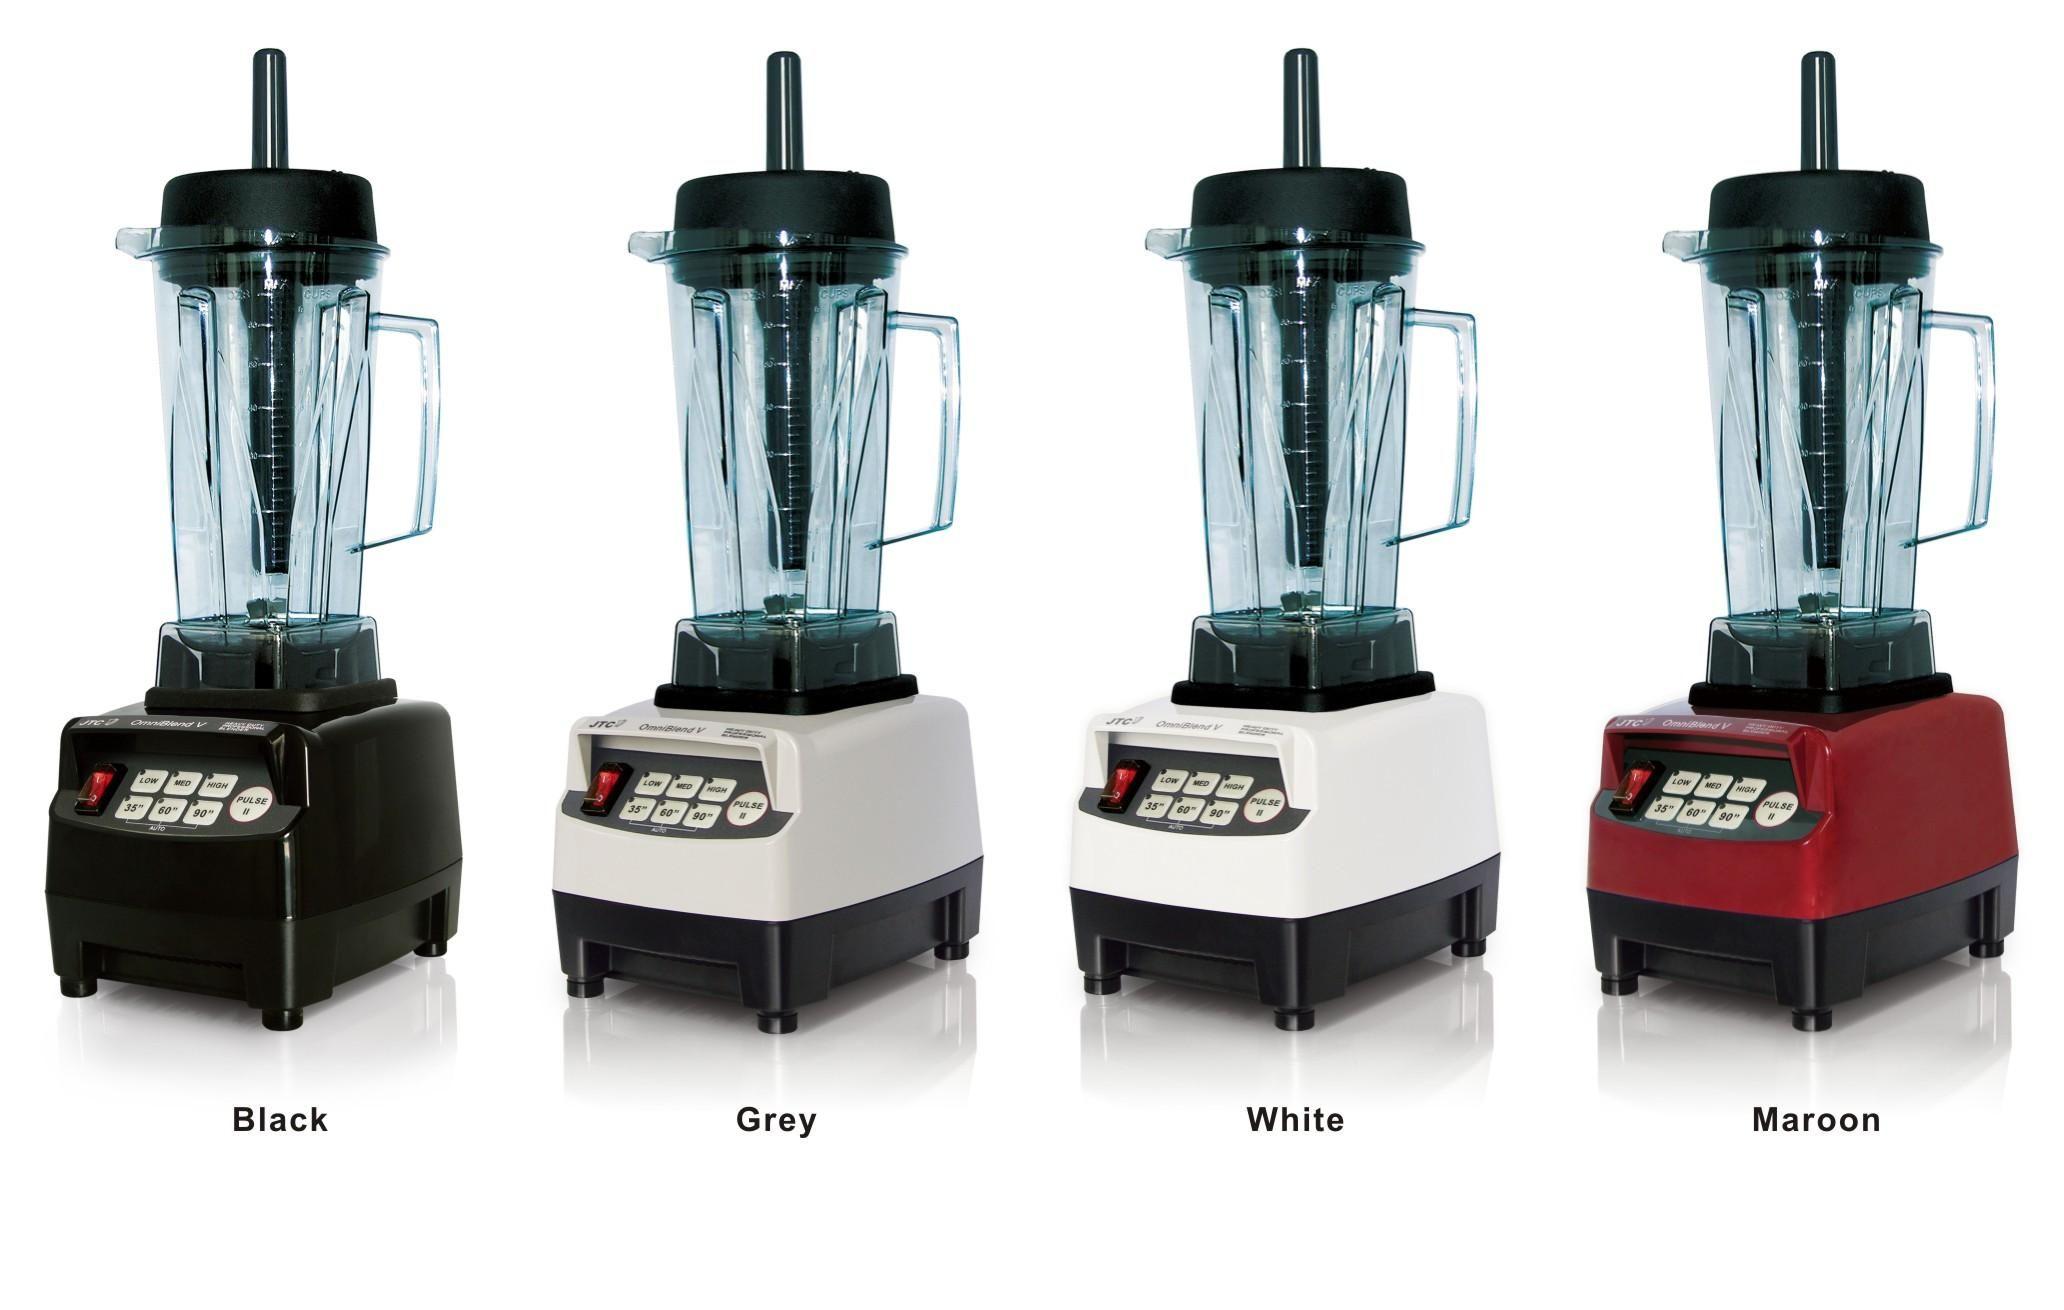 JTC schwere handelsmischmaschine mit pc-glas, modell: TM-800, schwarz, FREIES VERSCHIFFEN, 100% KEINE. 1 QUALITÄT IN DER WELT.